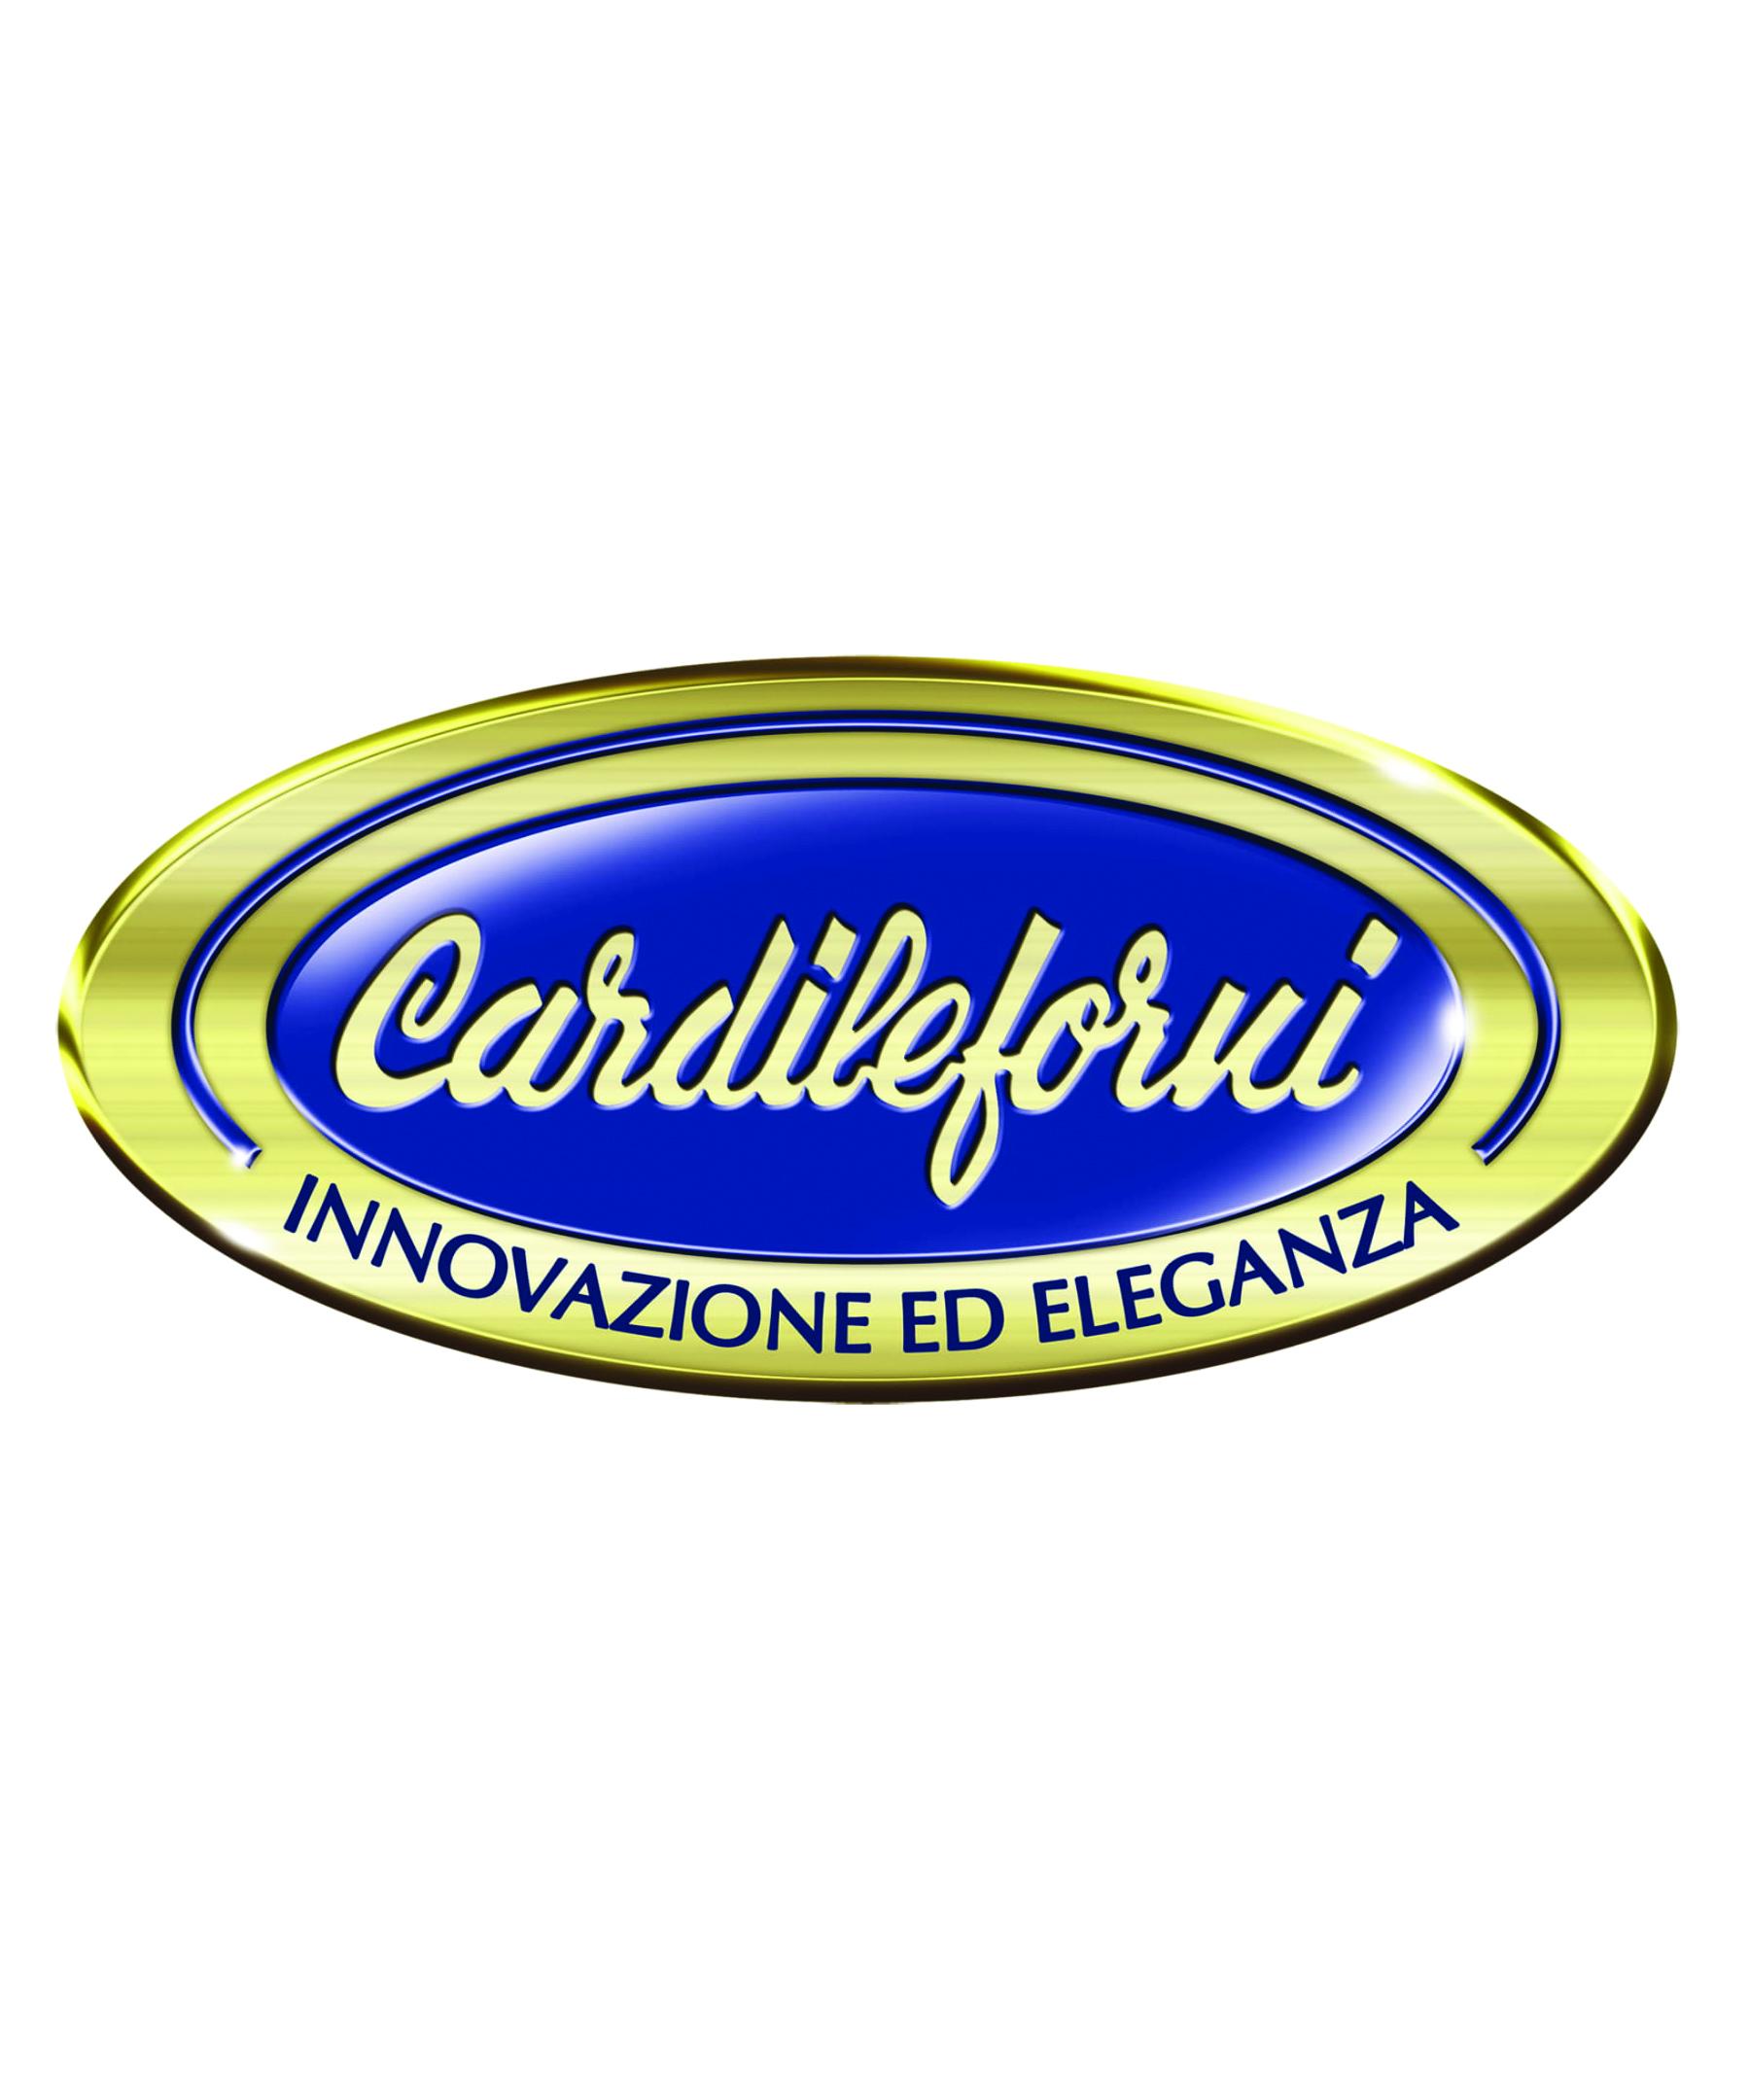 cardileforni bronze sito